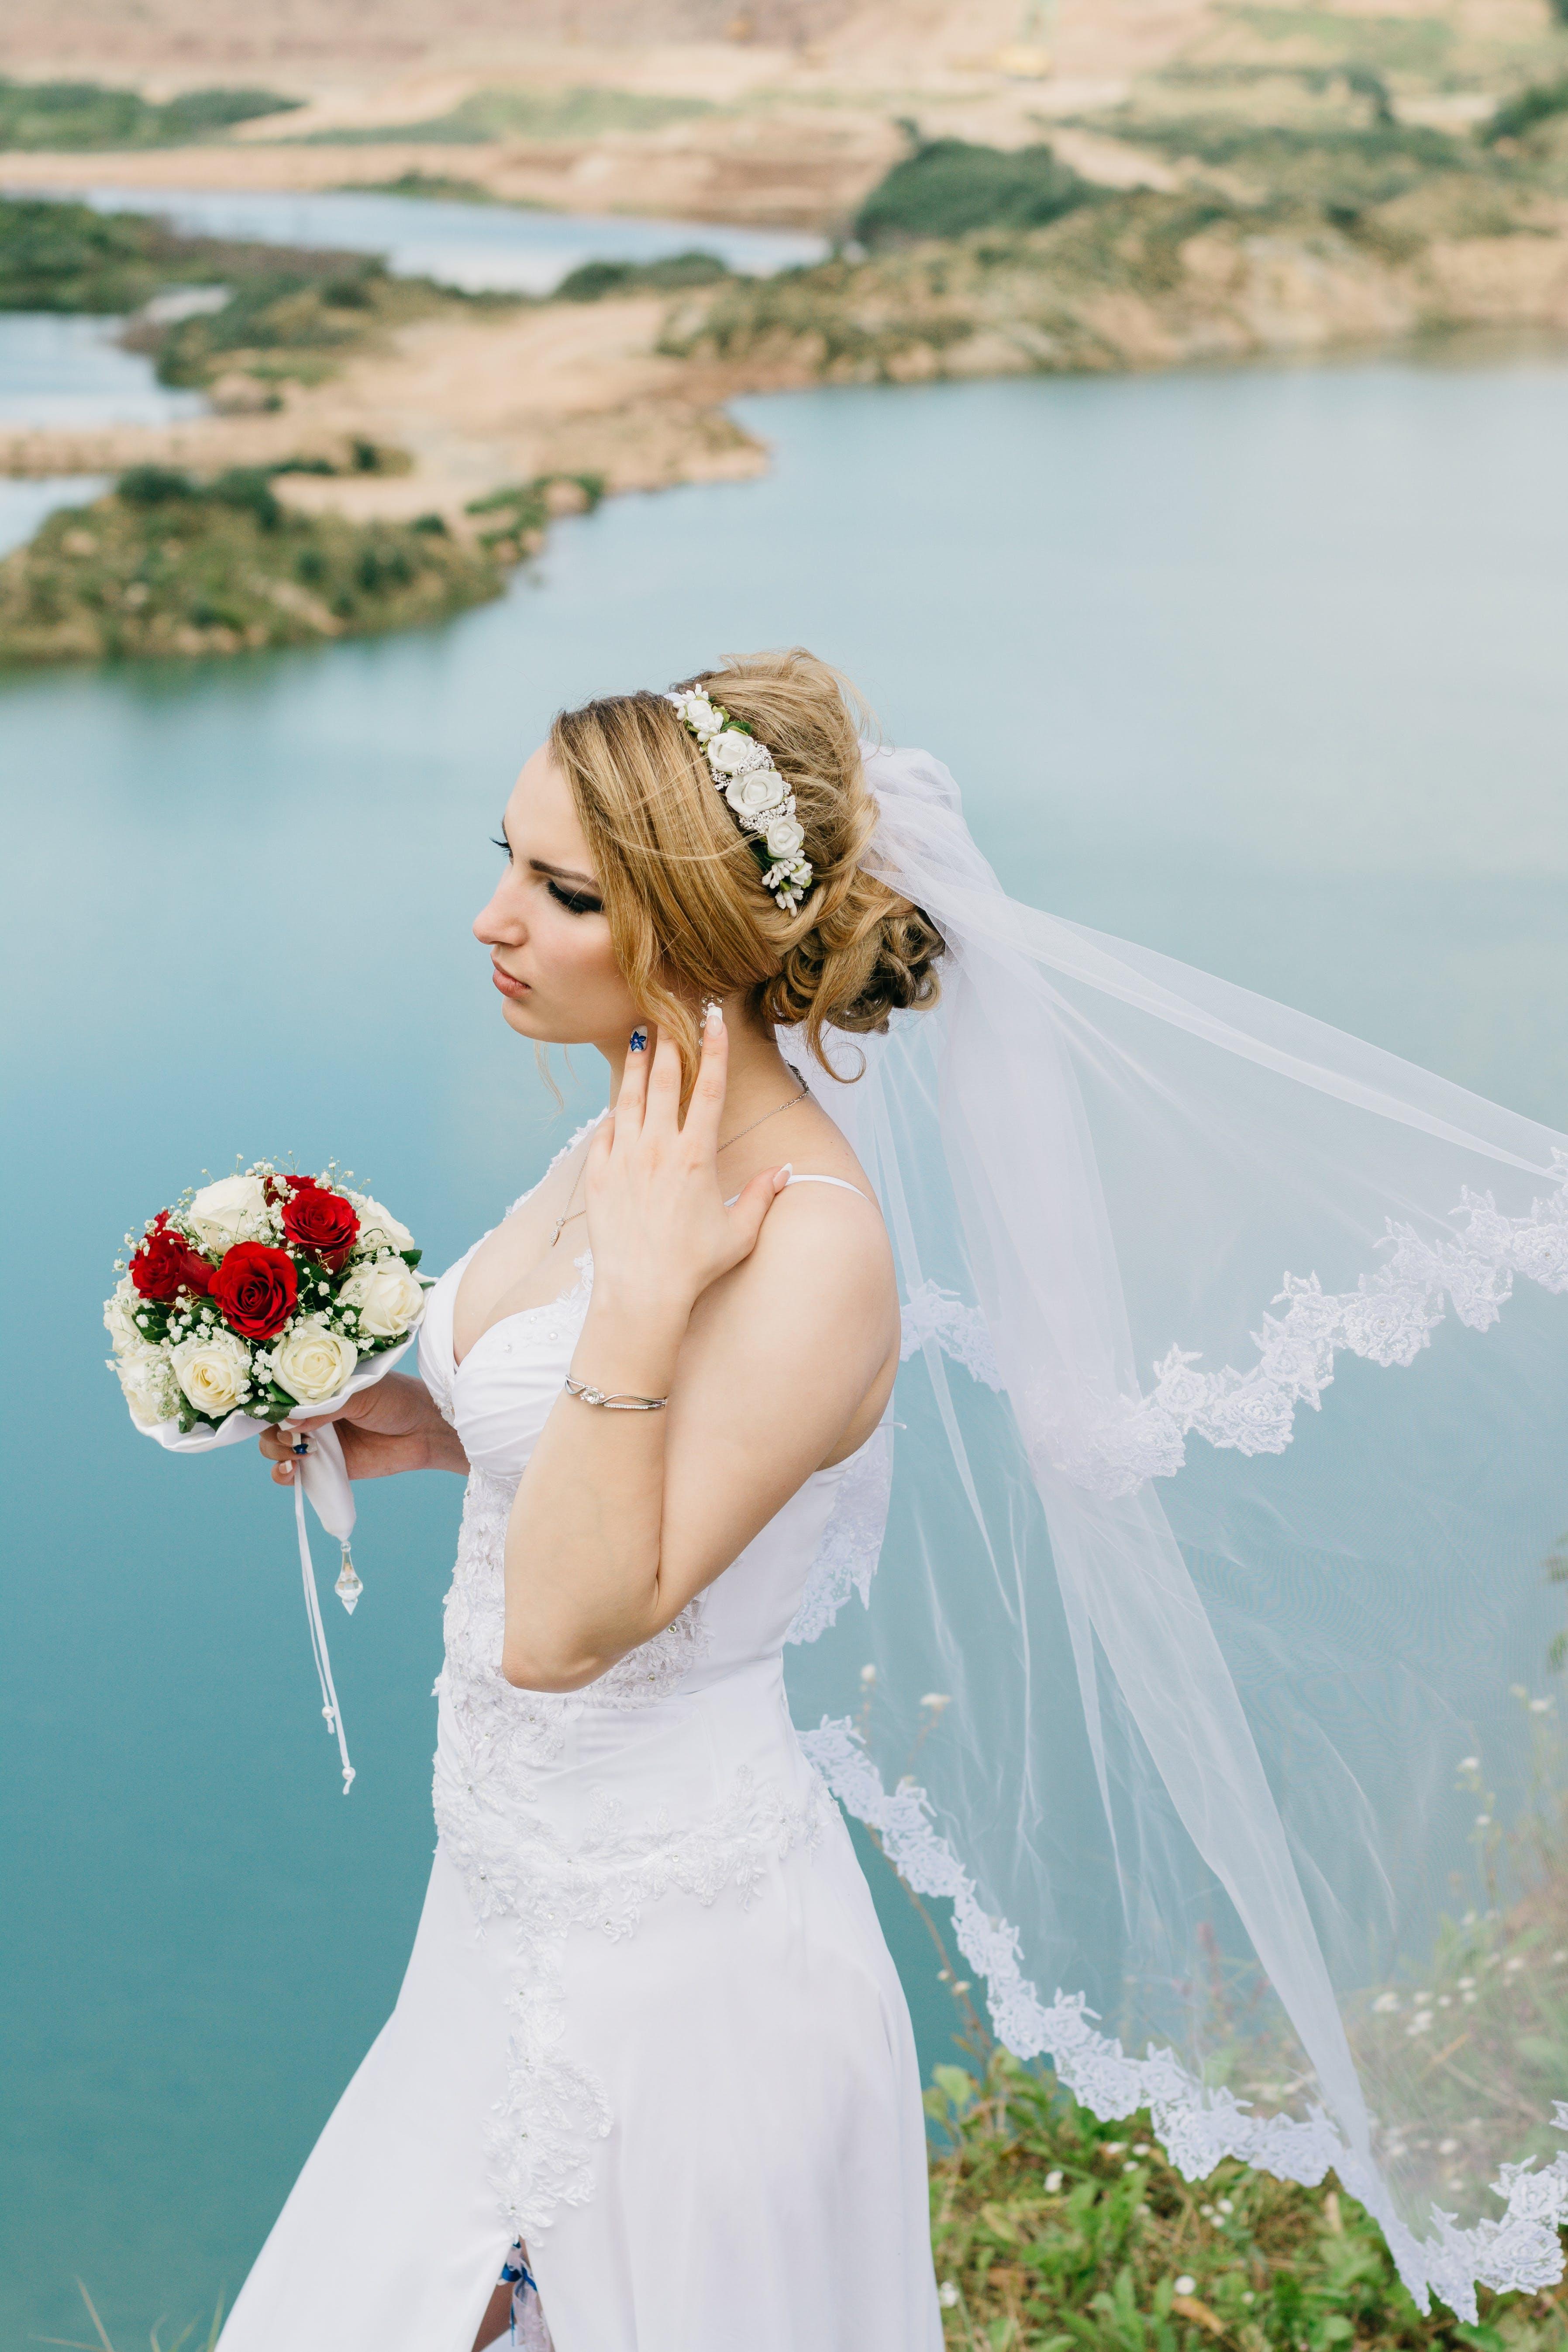 天性, 女人, 女孩, 婚禮 的 免費圖庫相片